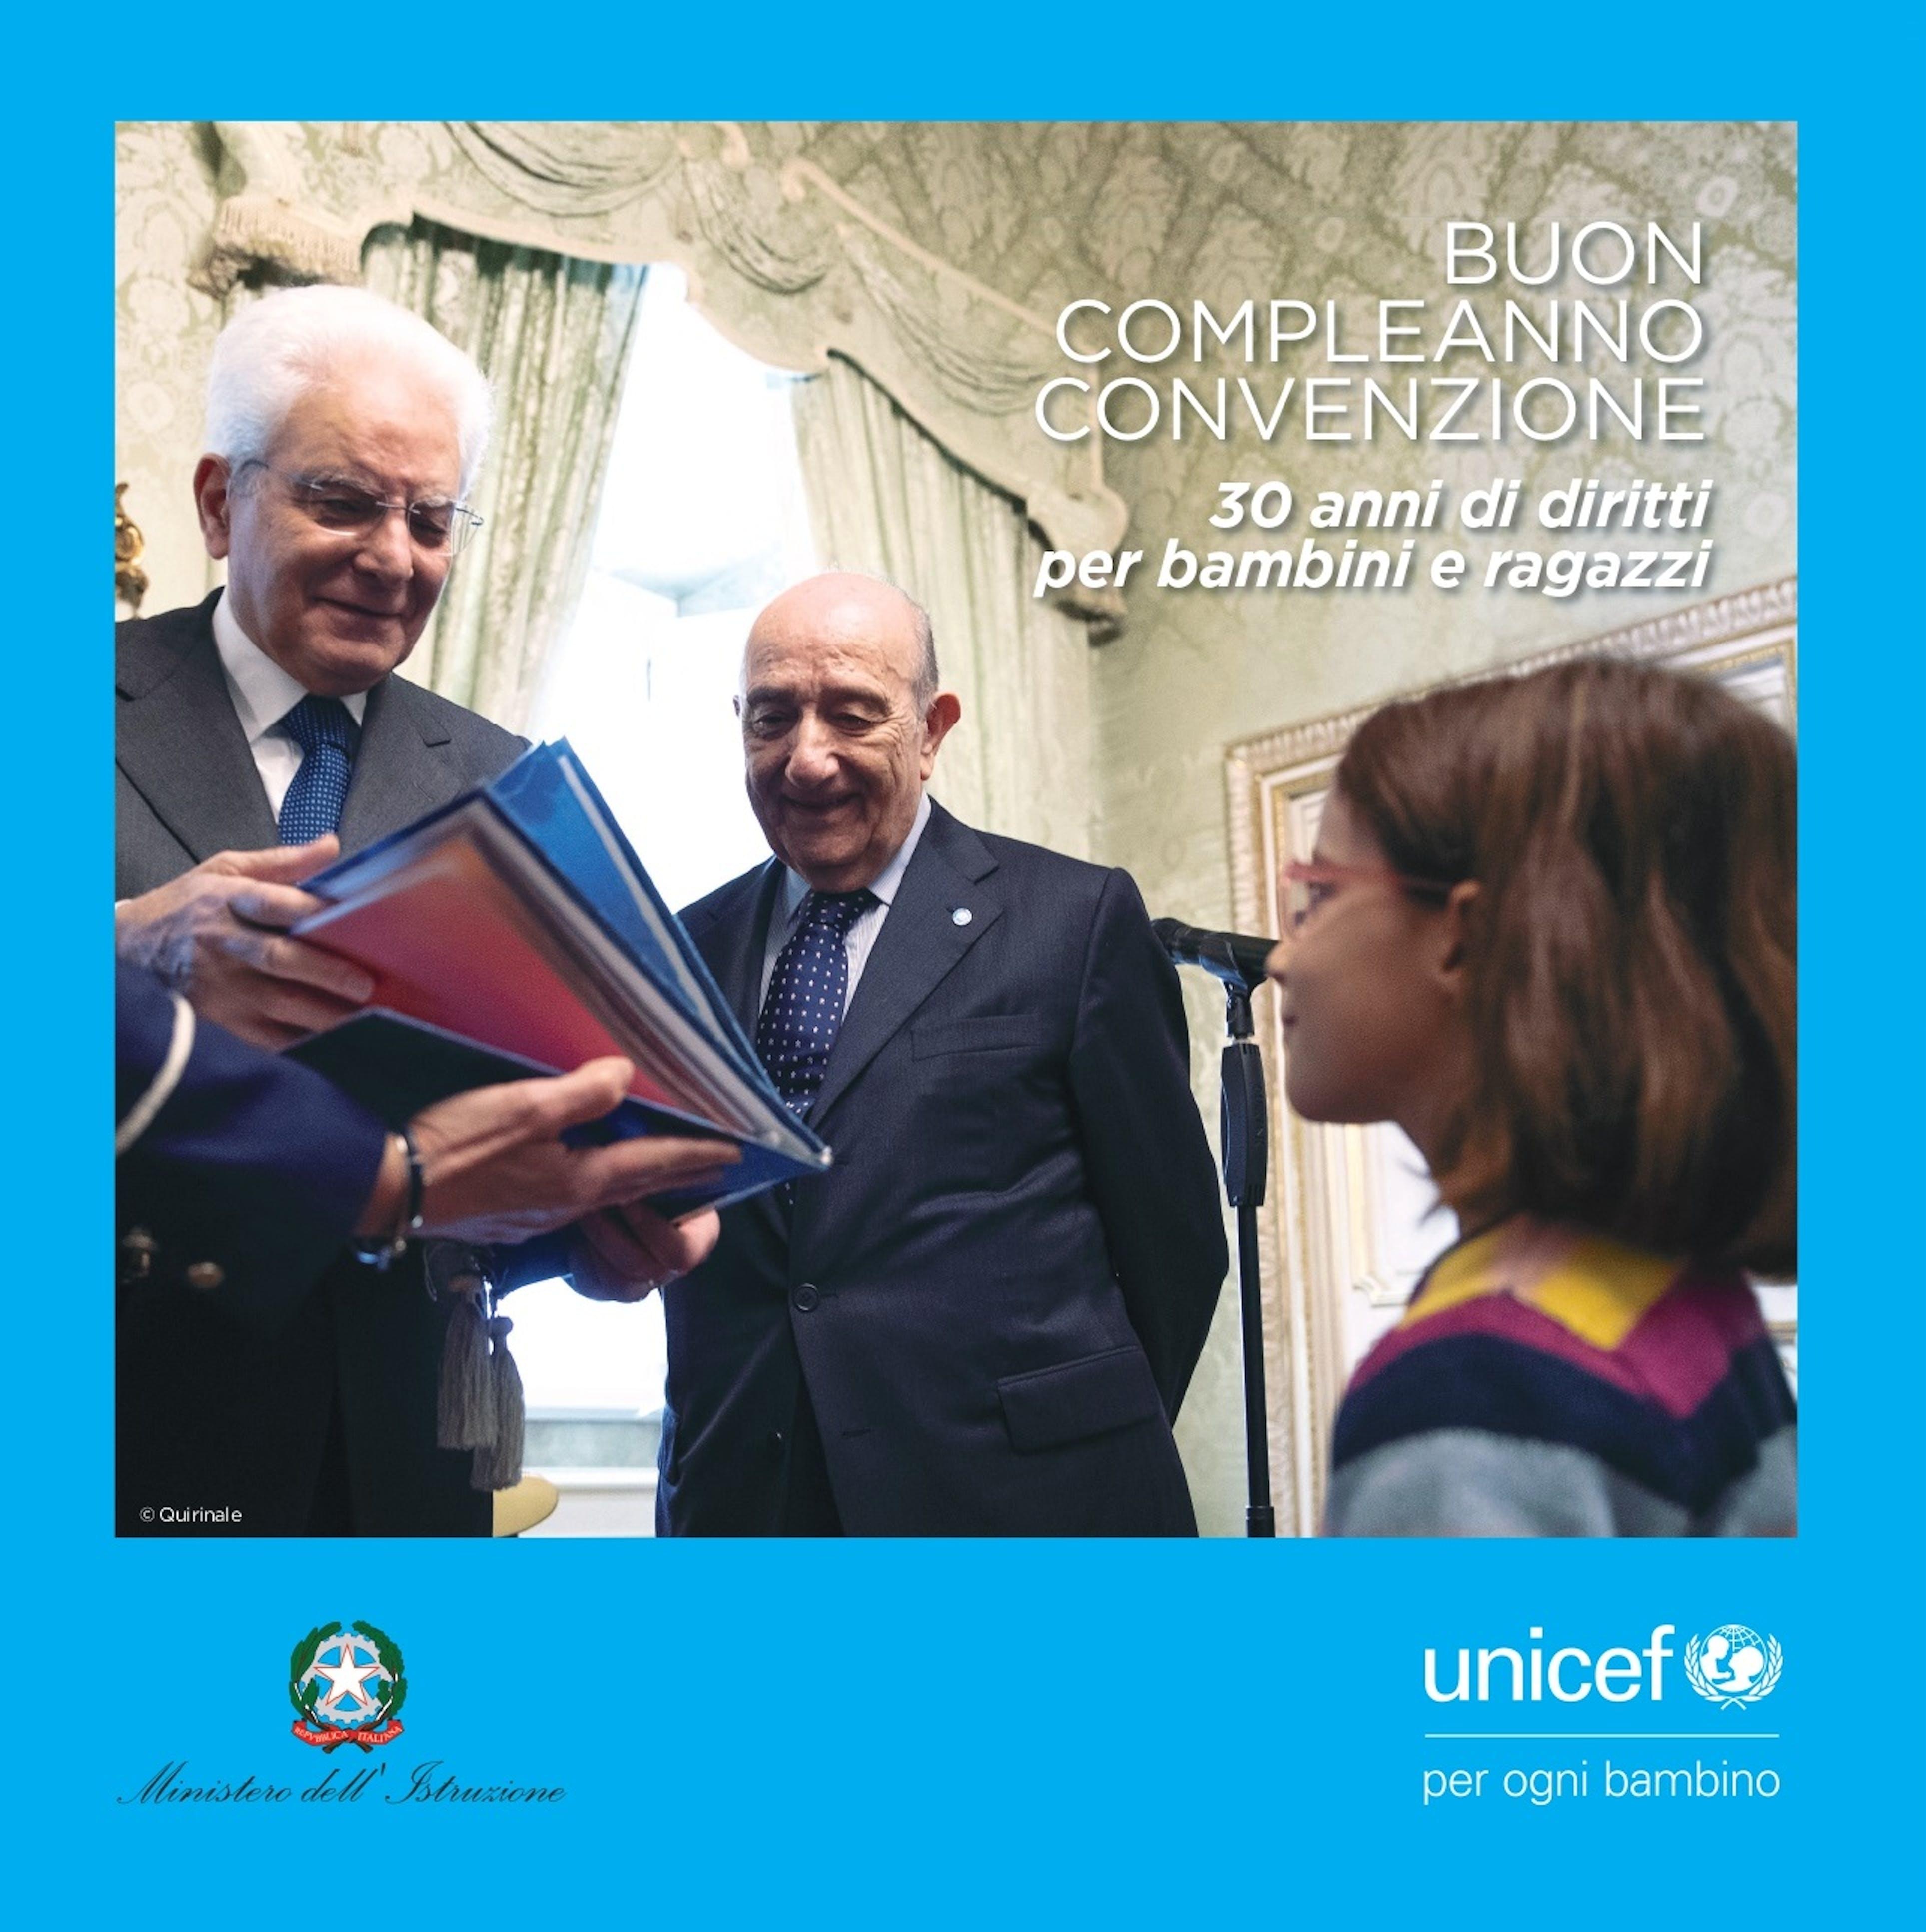 'BUON COMPLEANNO CONVENZIONE - una pubblicazione per i 30 anni dei diritti per i  bambini